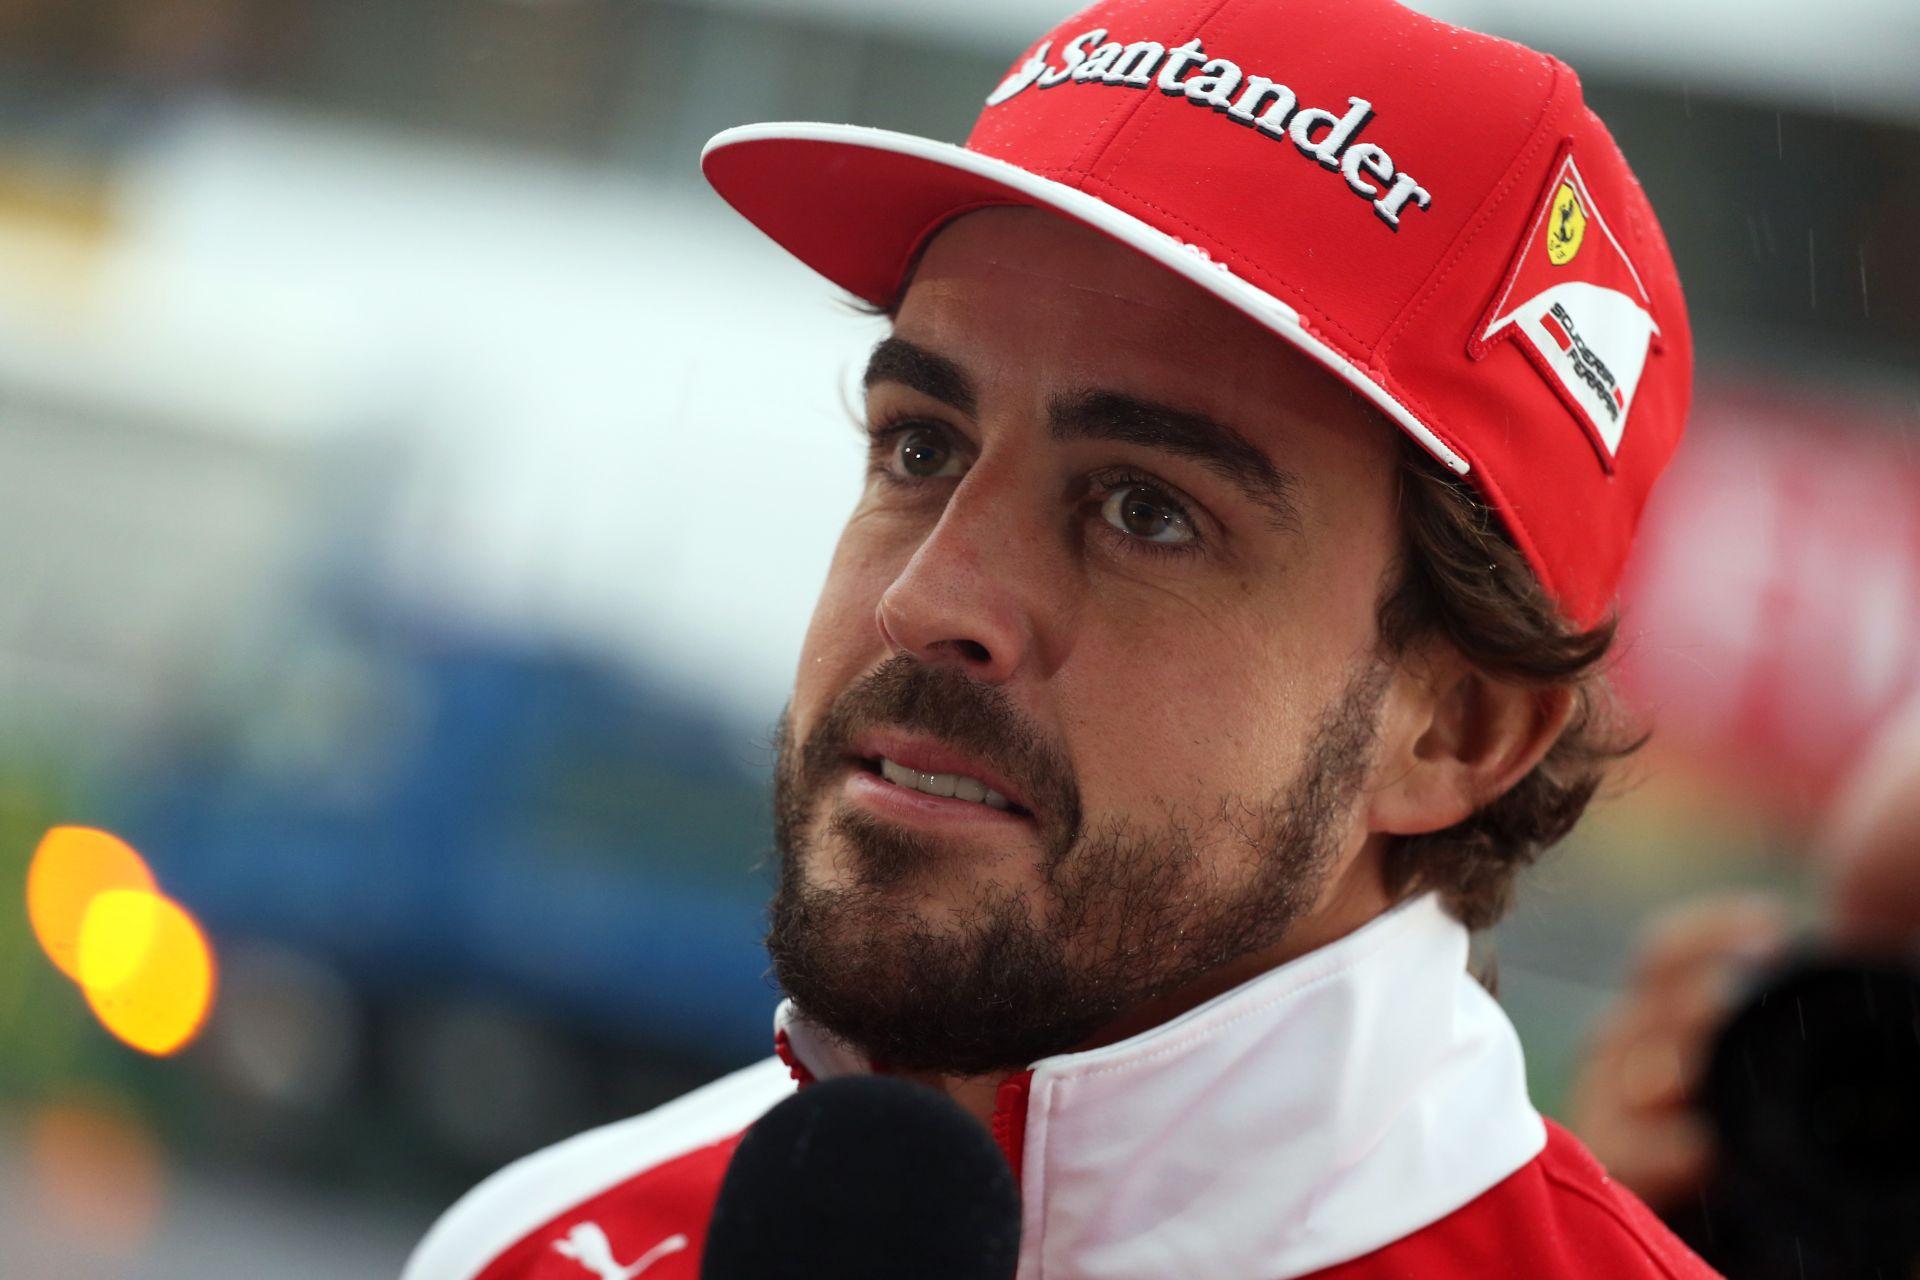 Egy újabb elképzelt festés: Alonso a McLaren-Honda volánja mögött